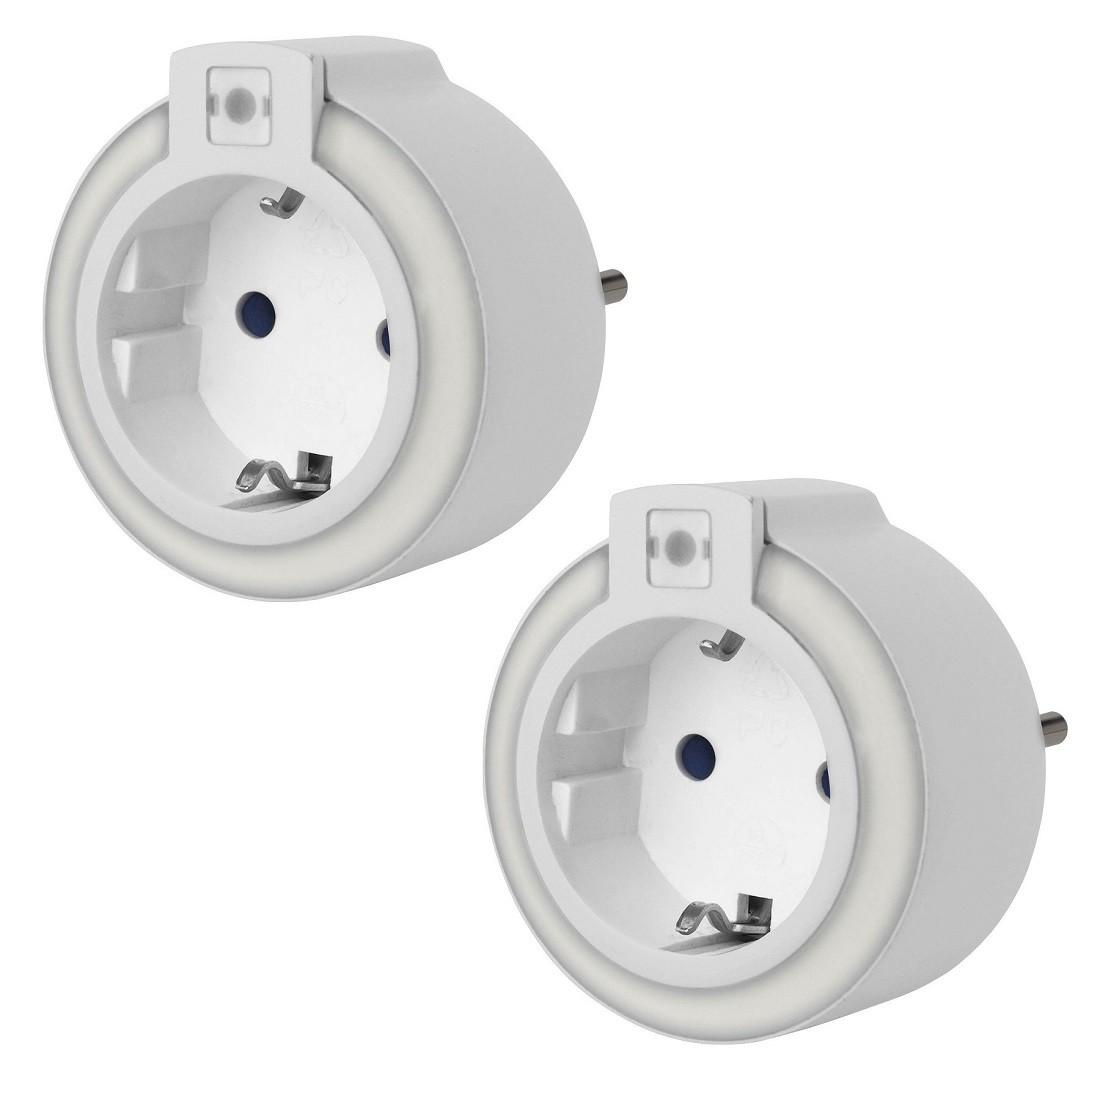 GAO 2 Stk. EMN306 Steckdosen-LED-Nachtlicht mit Dämmerungsautomatik